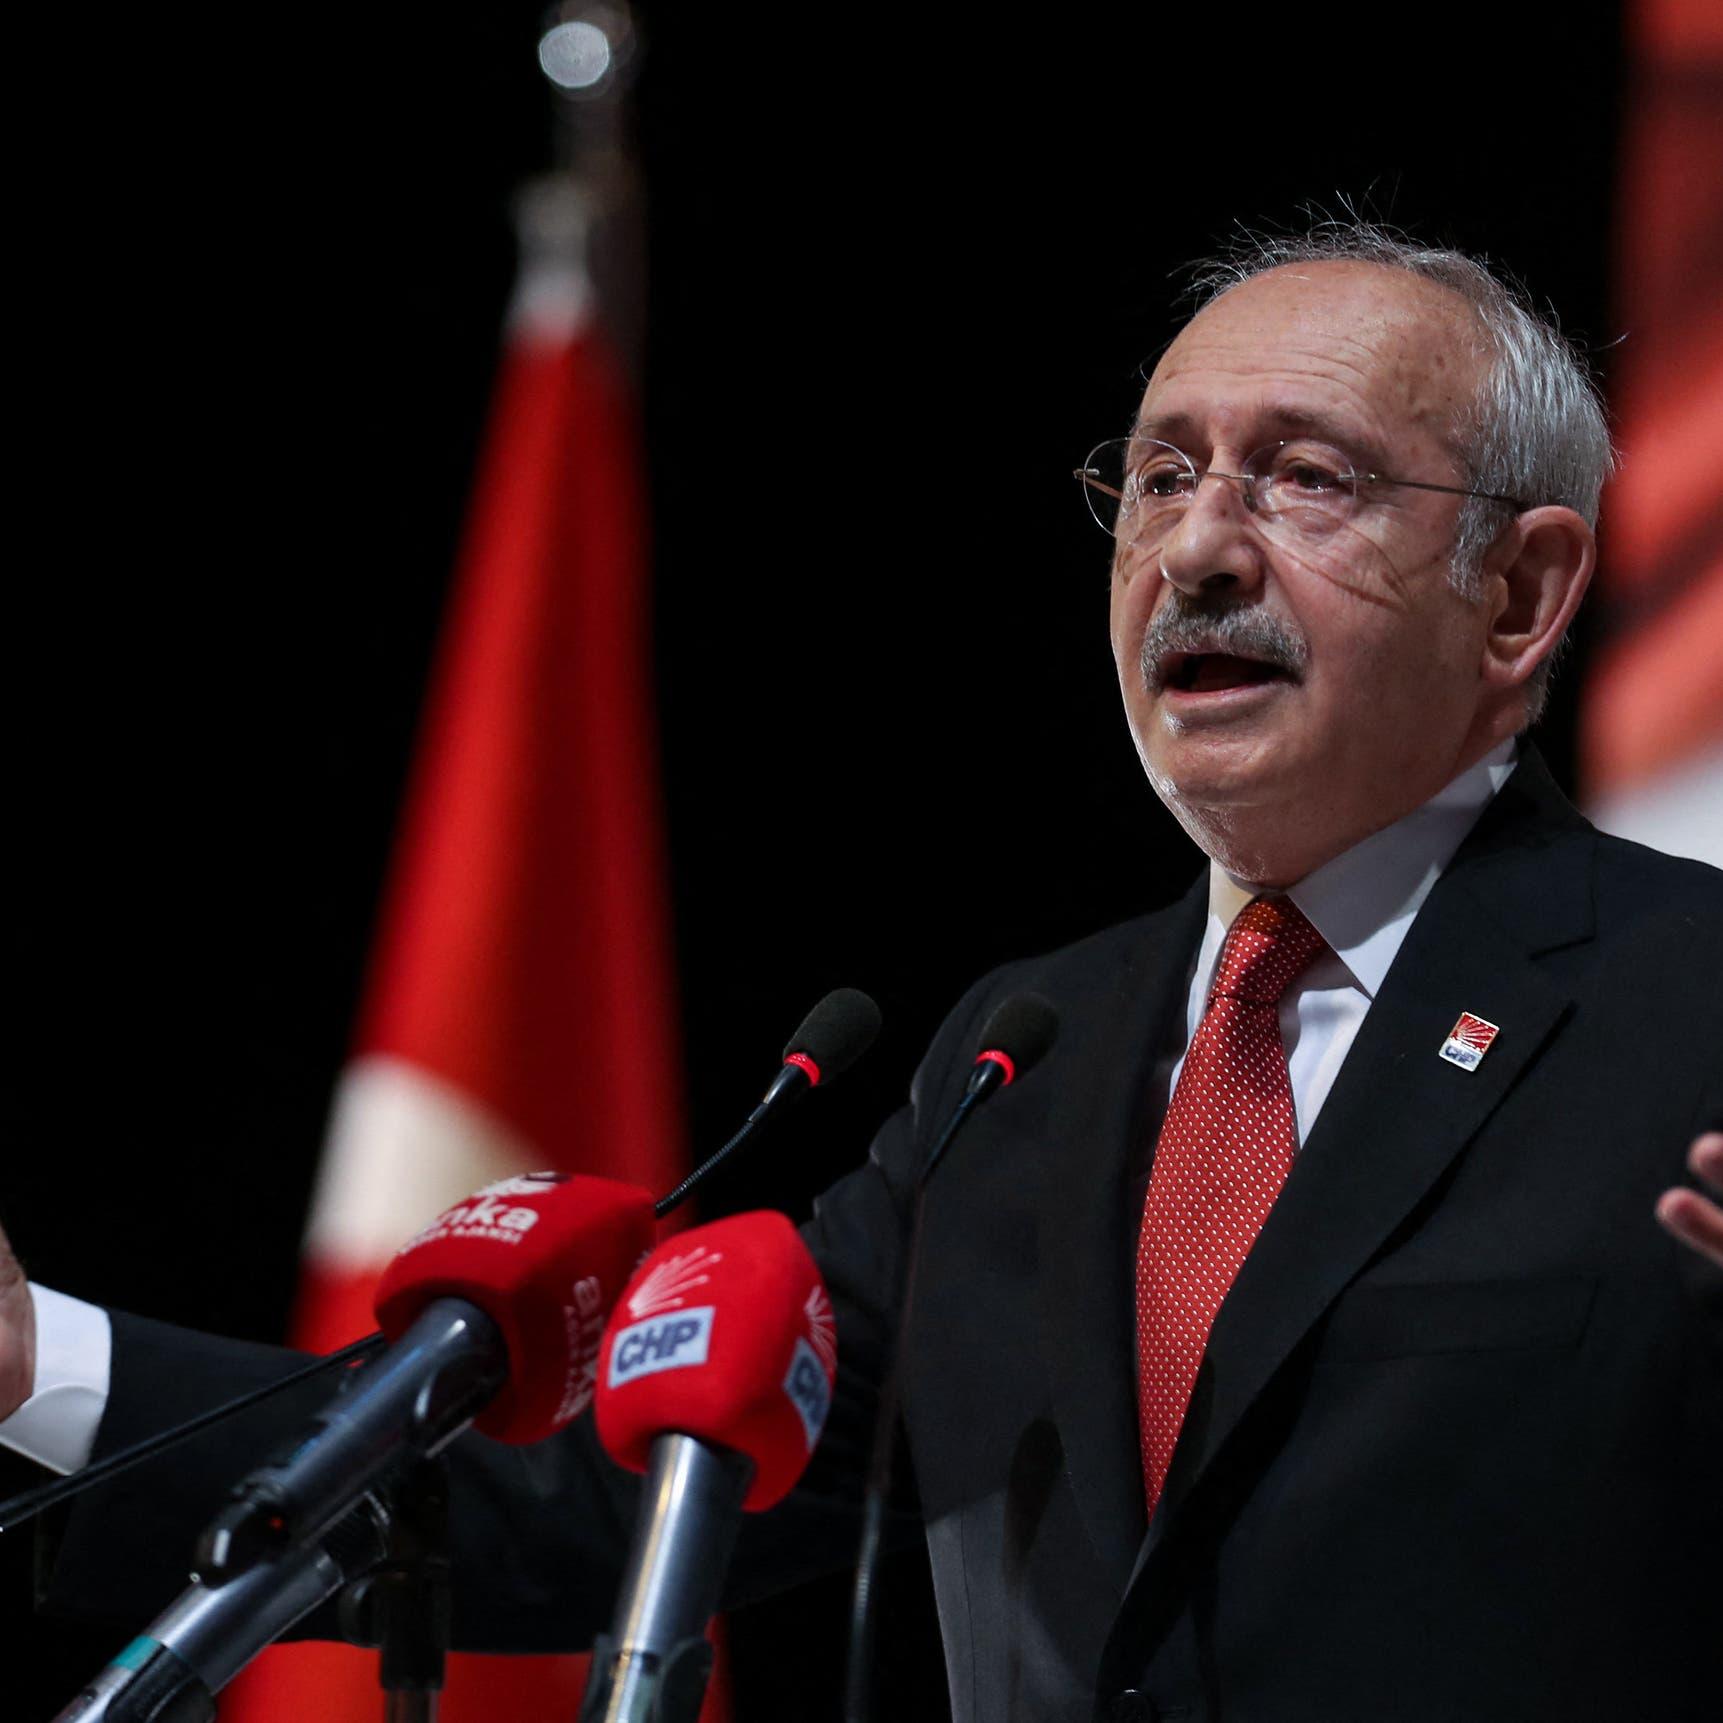 المعارضة التركية: أردوغان أخذ السياسة الخارجية لمحور الإخوان